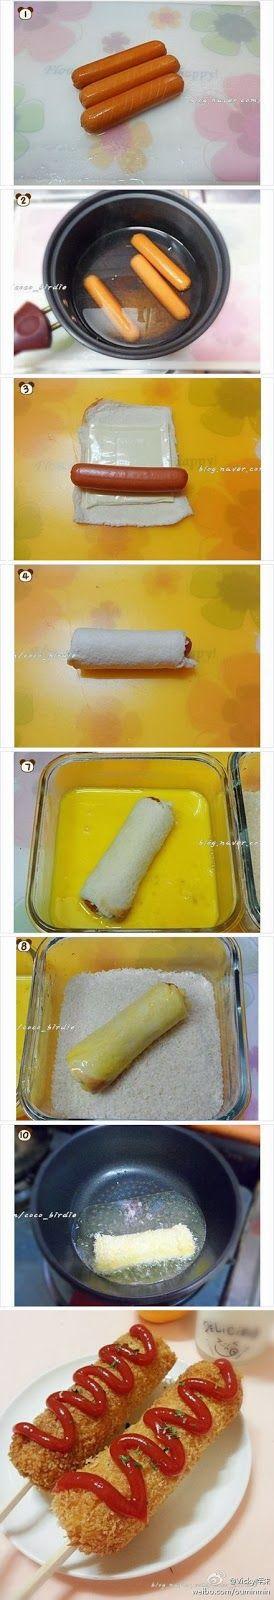 Συνταγές για μικρά και για.....μεγάλα παιδιά!: ΟΤΙ ΠΡΕΠΕΙ ΓΙΑ ΠΑΙΔΙΚΟ ΜΠΟΥΦΕ ΚΑΙ ΠΑΡΤΥ !!!!!